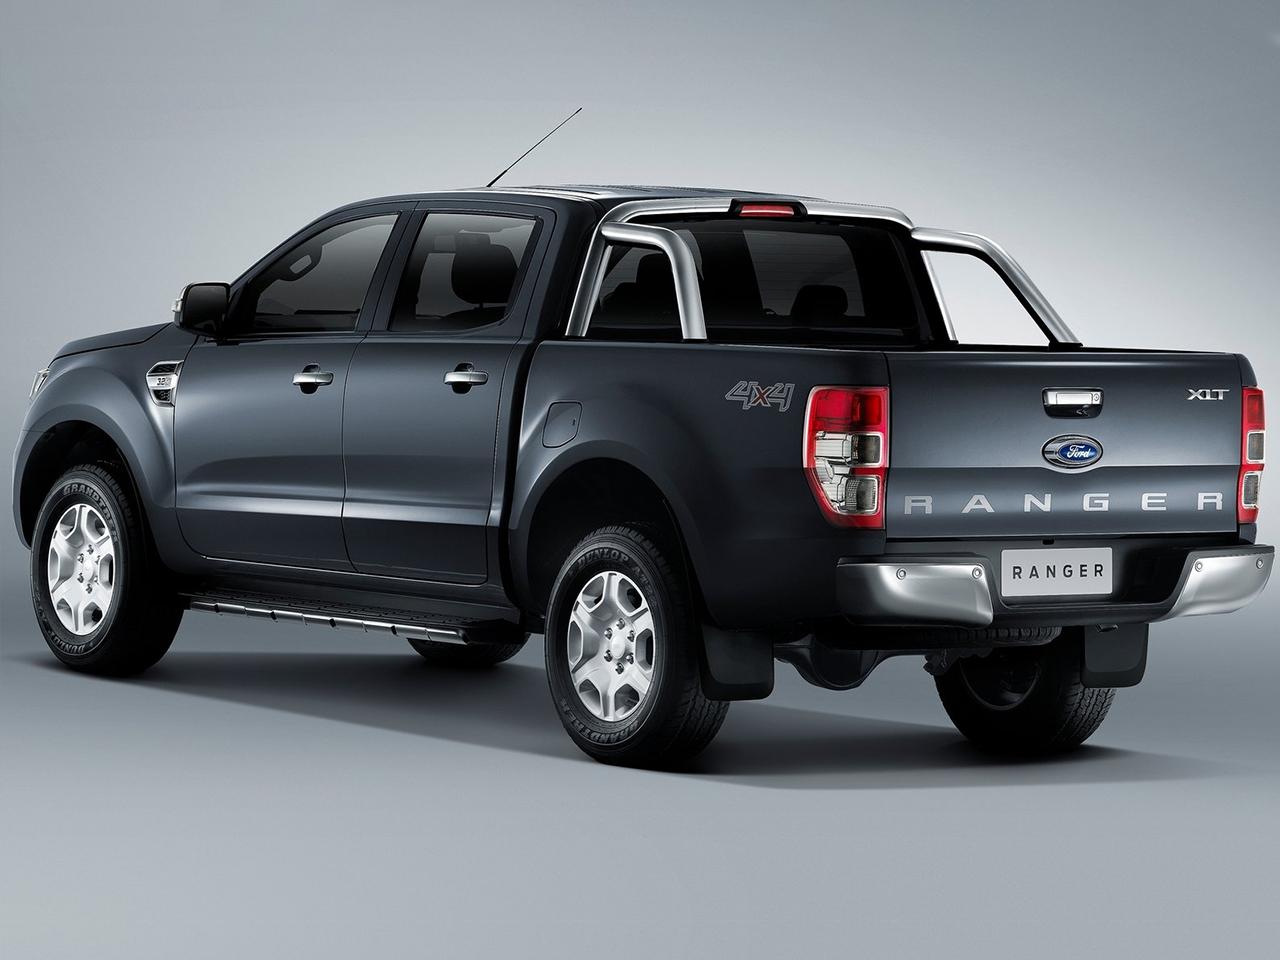 Ford Ranger exterior